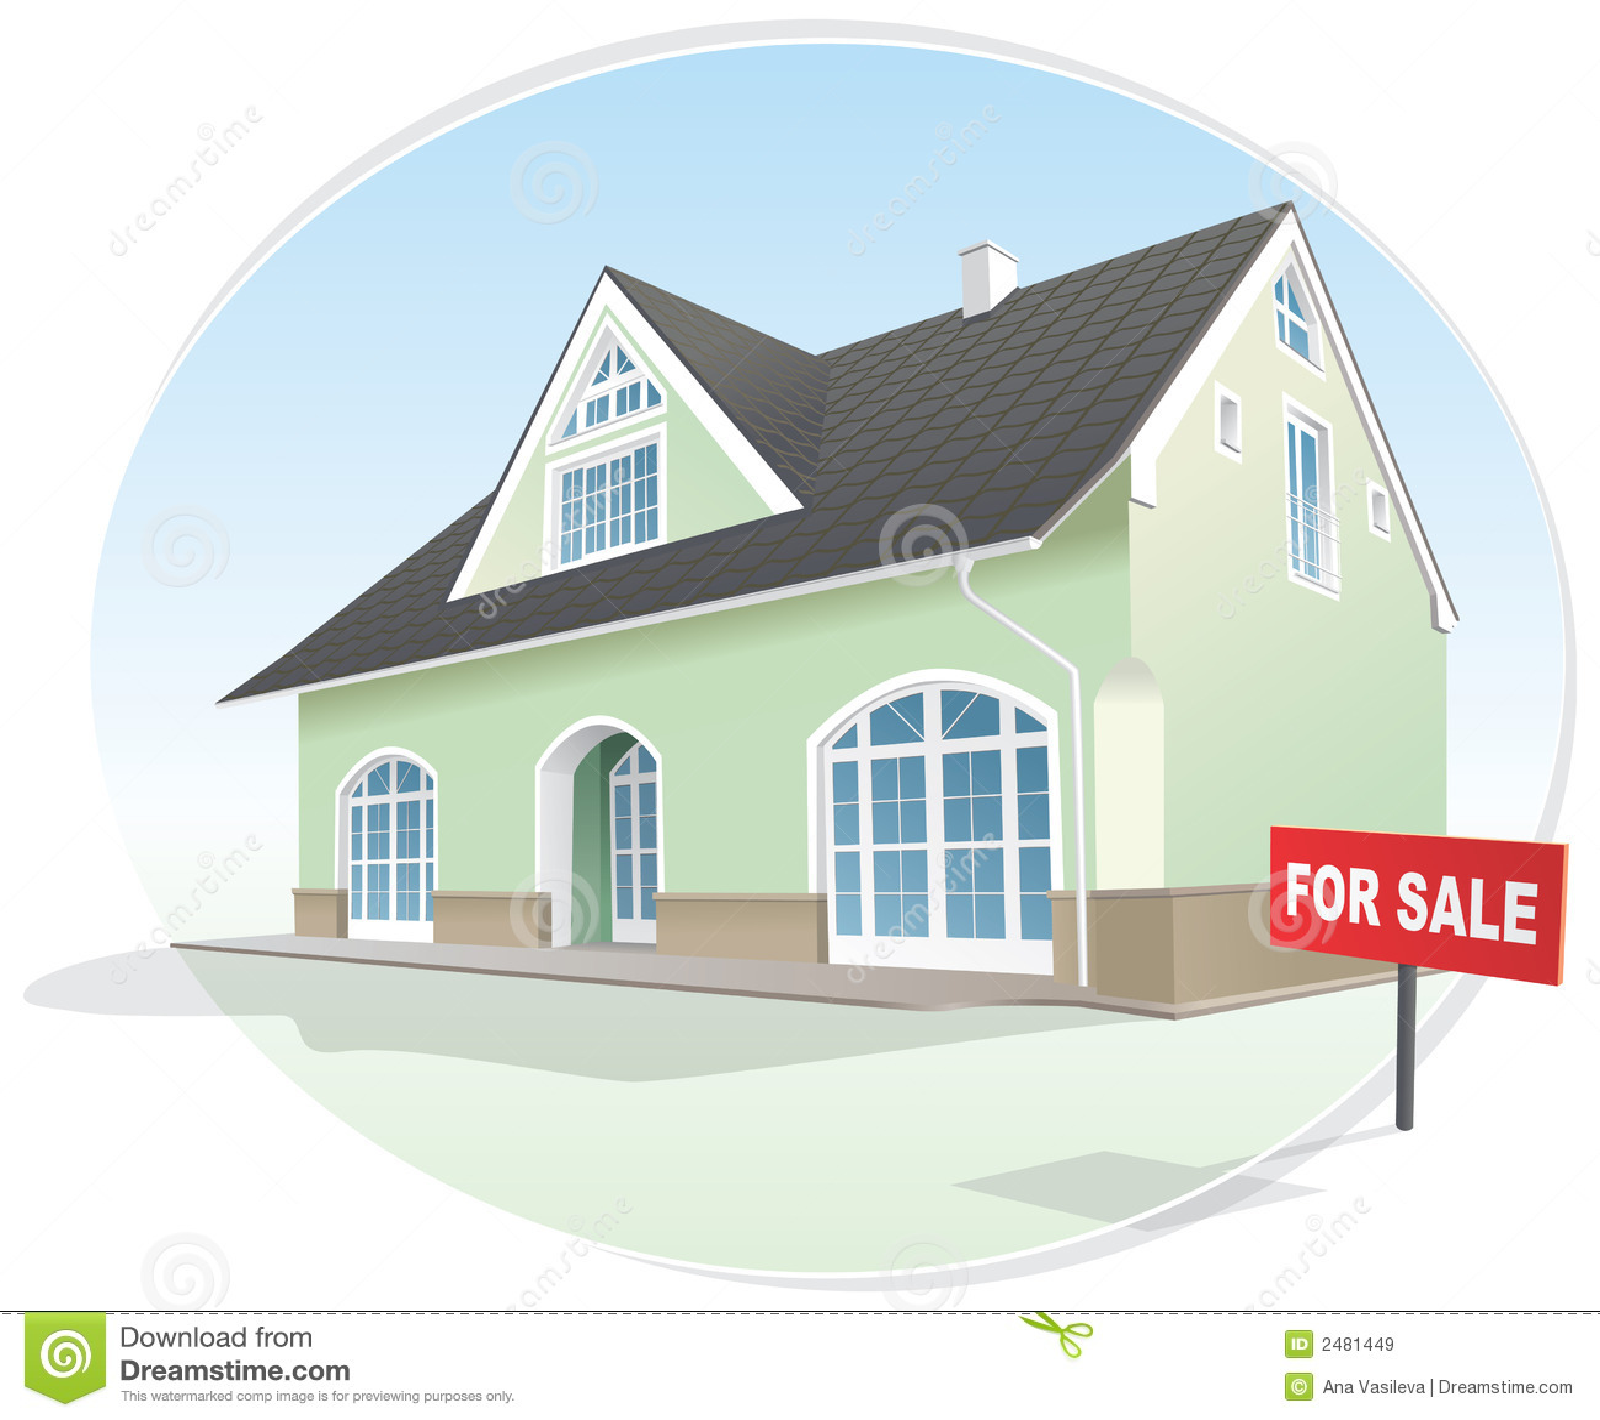 Huis makelaardij voor verkoop vector vector illustratie for Huis aantrekkelijk maken voor verkoop